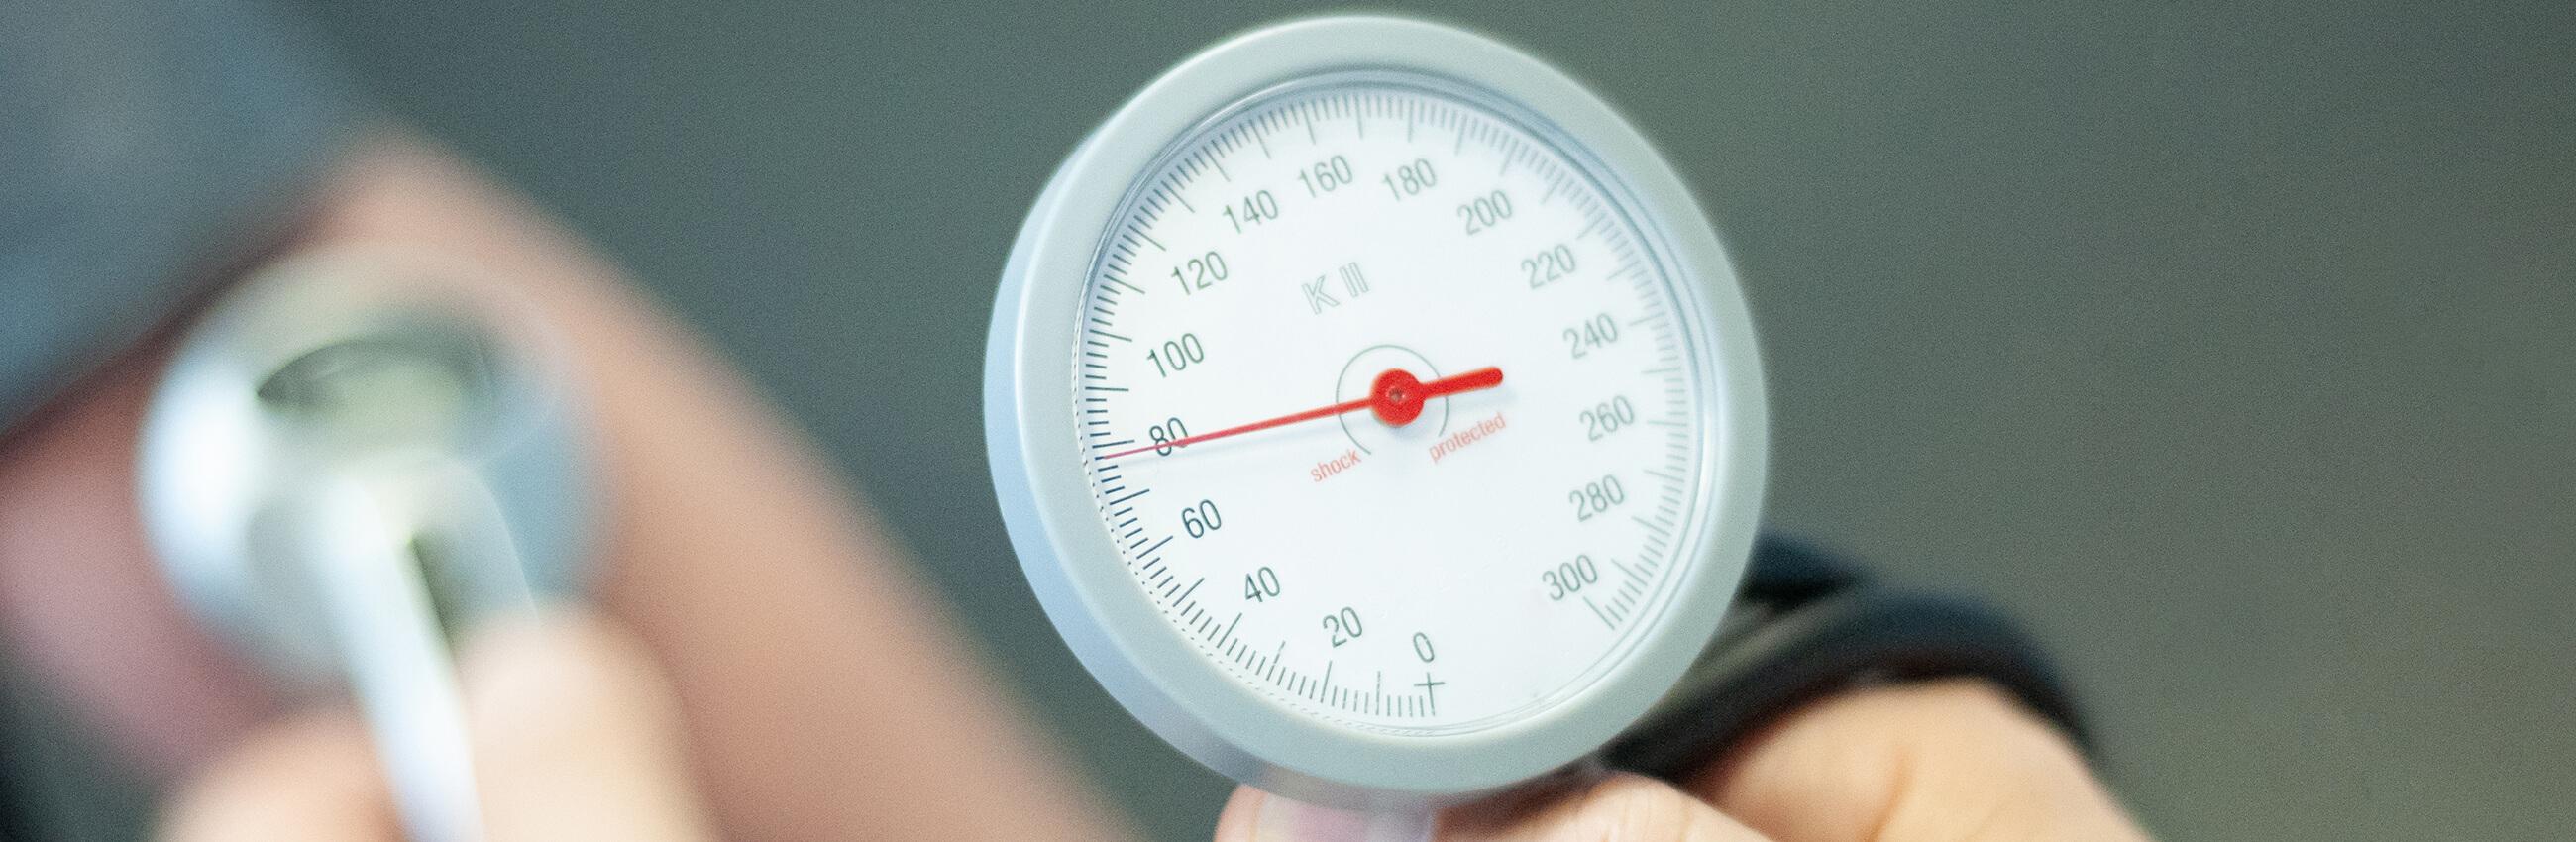 Regelmäßige Vorsorge von Herz-Kreislauf-Erkrankungen